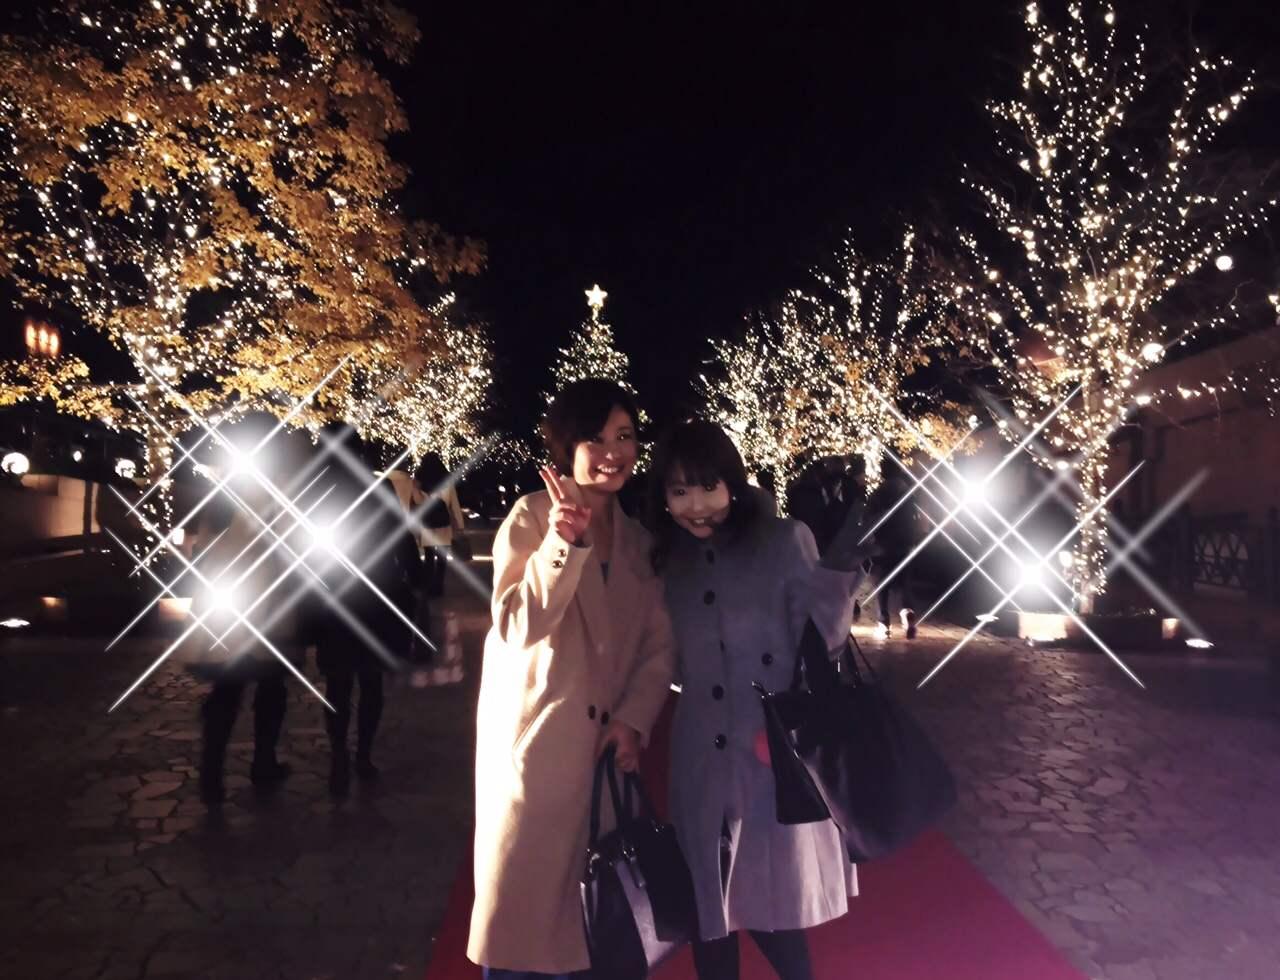 【イルミネーション】恵比寿ガーデンプレイス☆バカラのシャンデリアの輝き